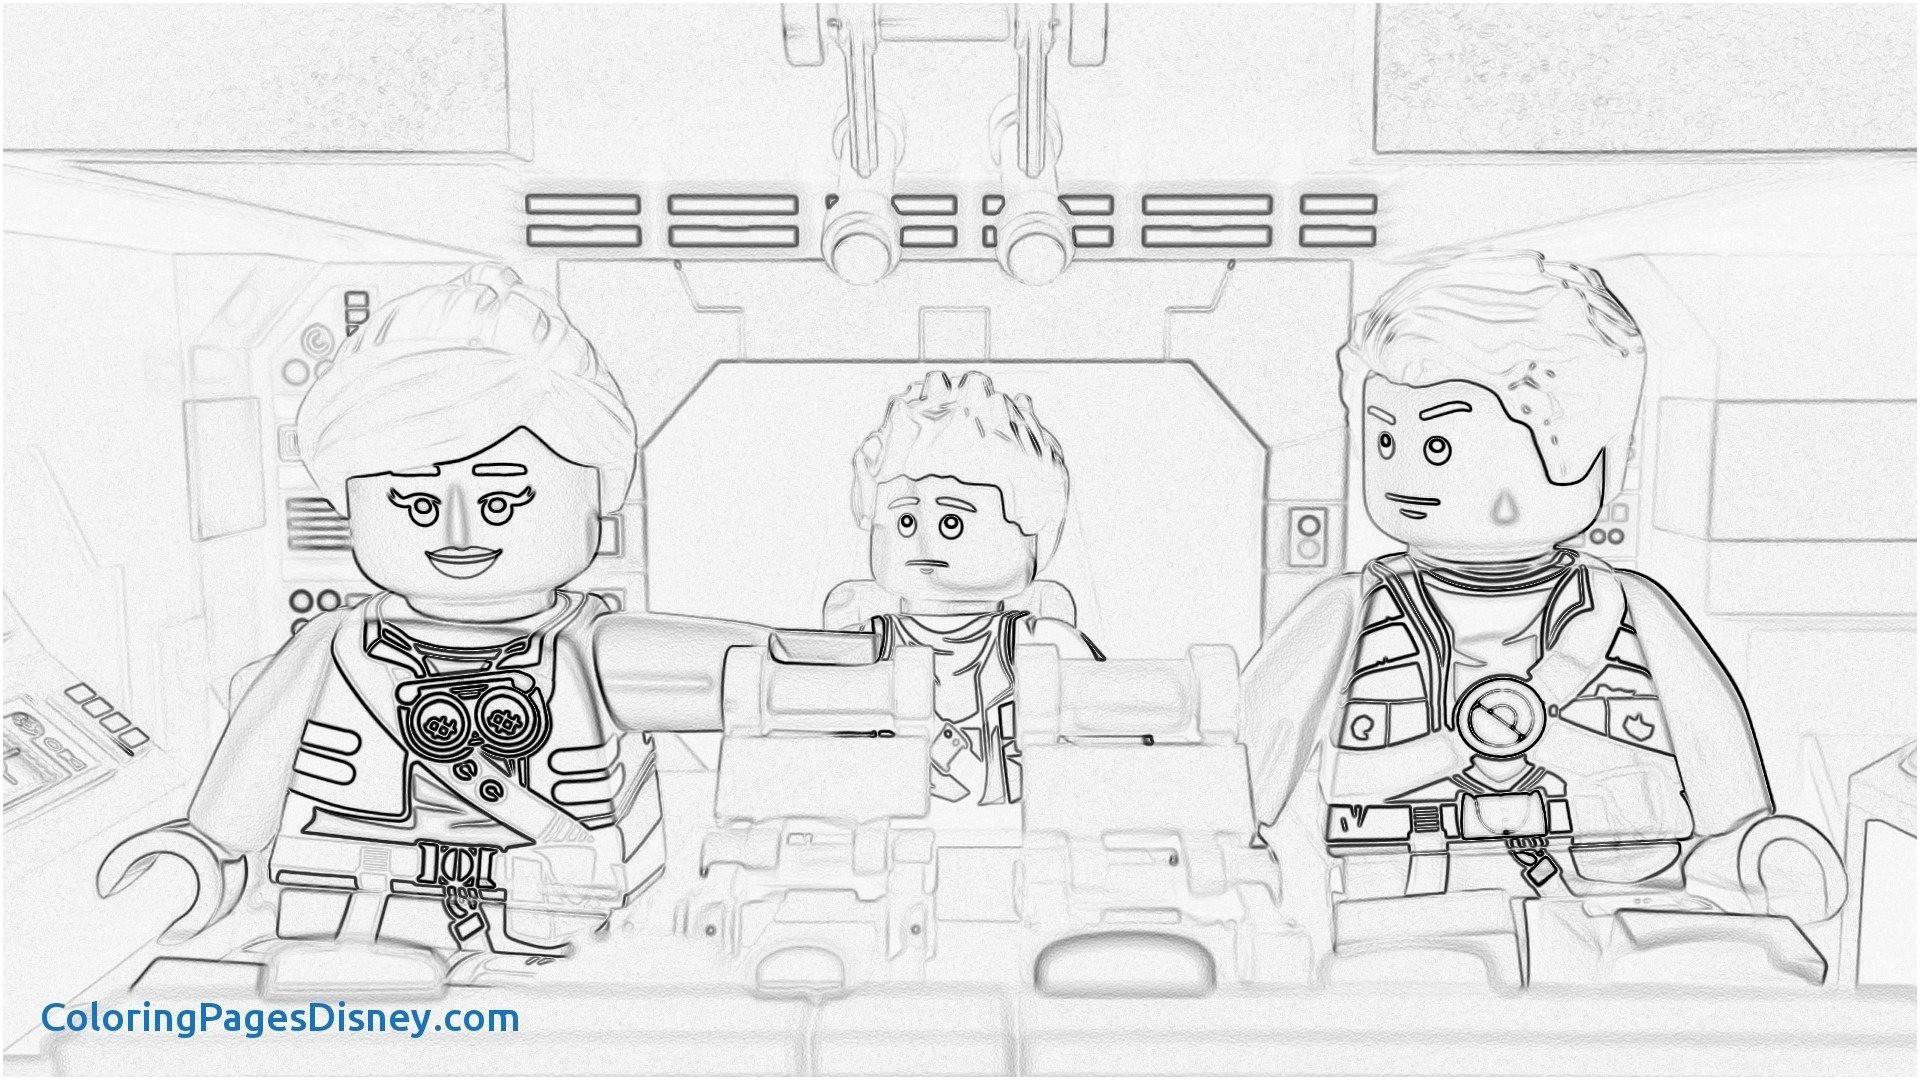 Ausmalbilder Zum Ausdrucken Disney Inspirierend 45 Inspirierend Star Wars Bilder Zum Ausdrucken – Große Coloring Bild